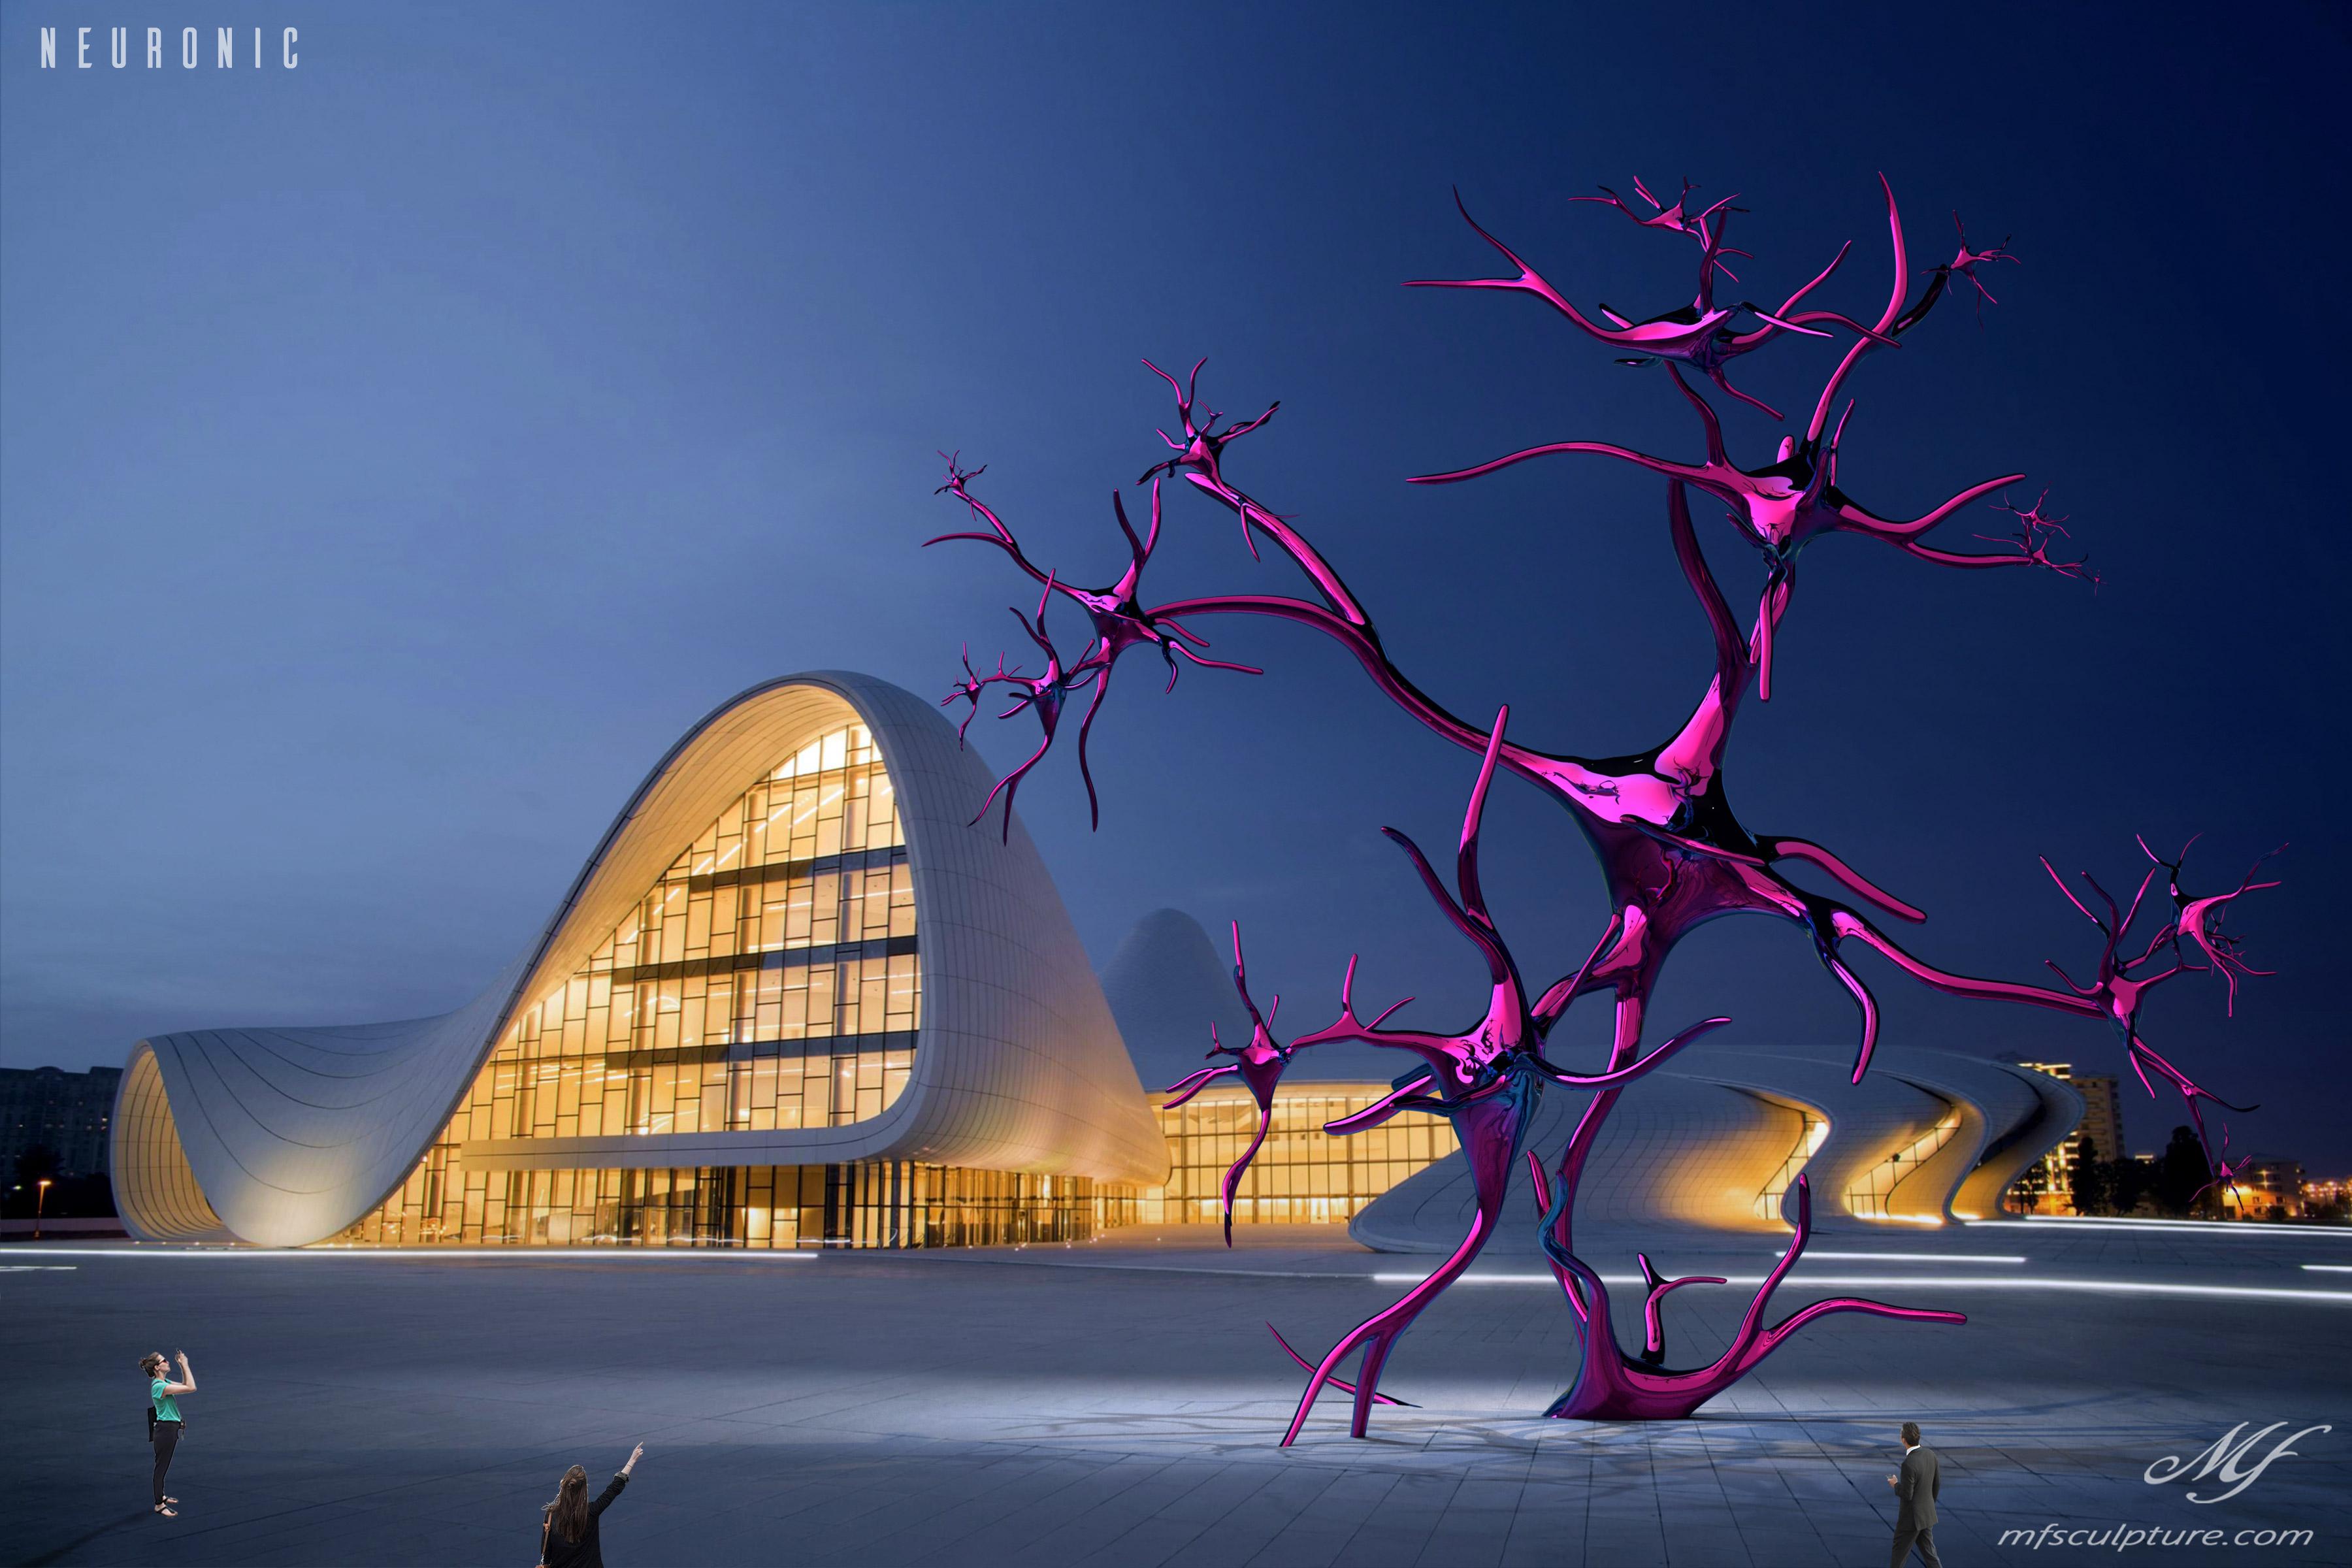 heydar aliyev center baku zaha hadid Modern Sculpture Neuronic Neuron Brain 3